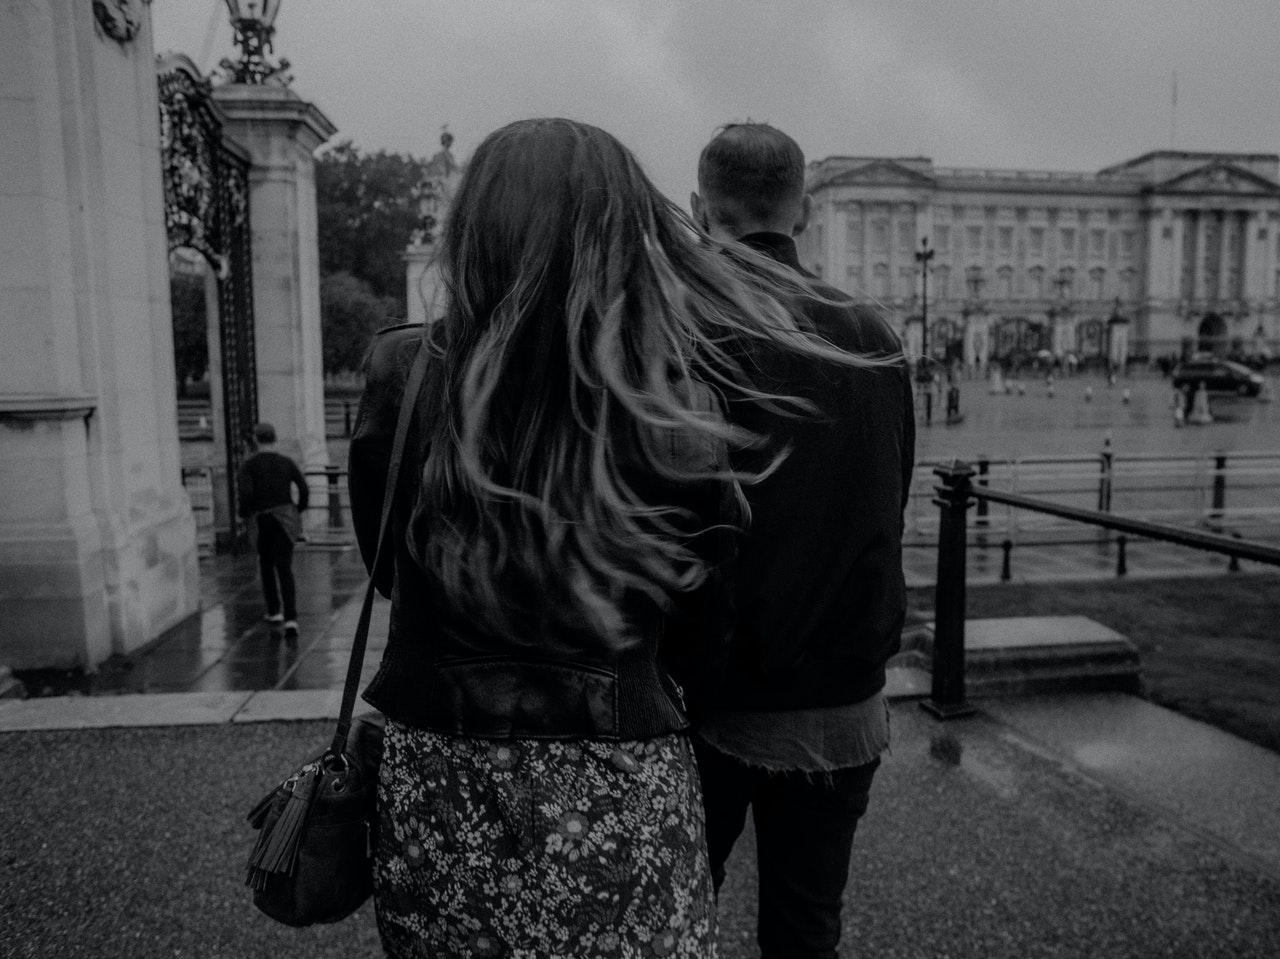 11 semne că ar trebui să renunți la relația ta - Loveisaname